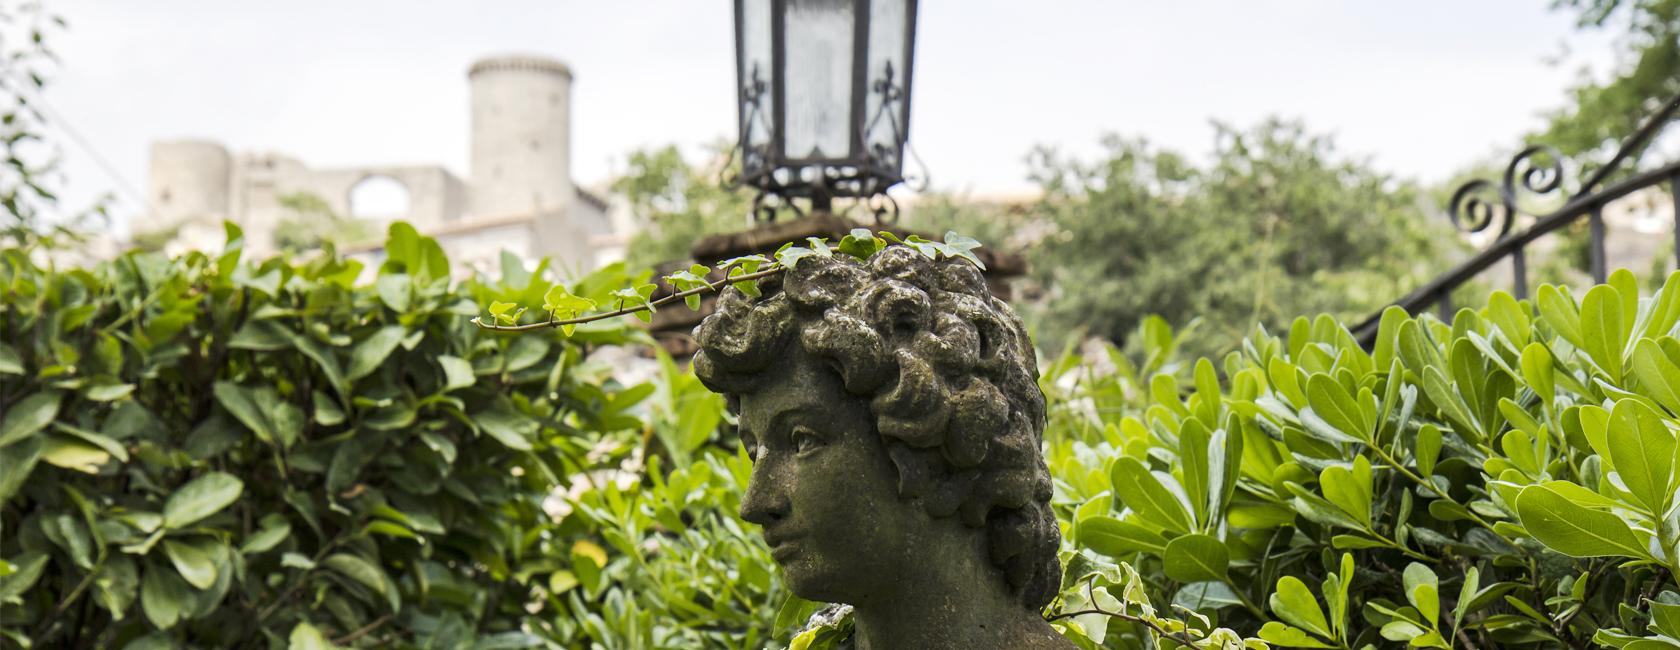 Il Casale di Riardo. La memoria ed il fascino di tempi antichi.